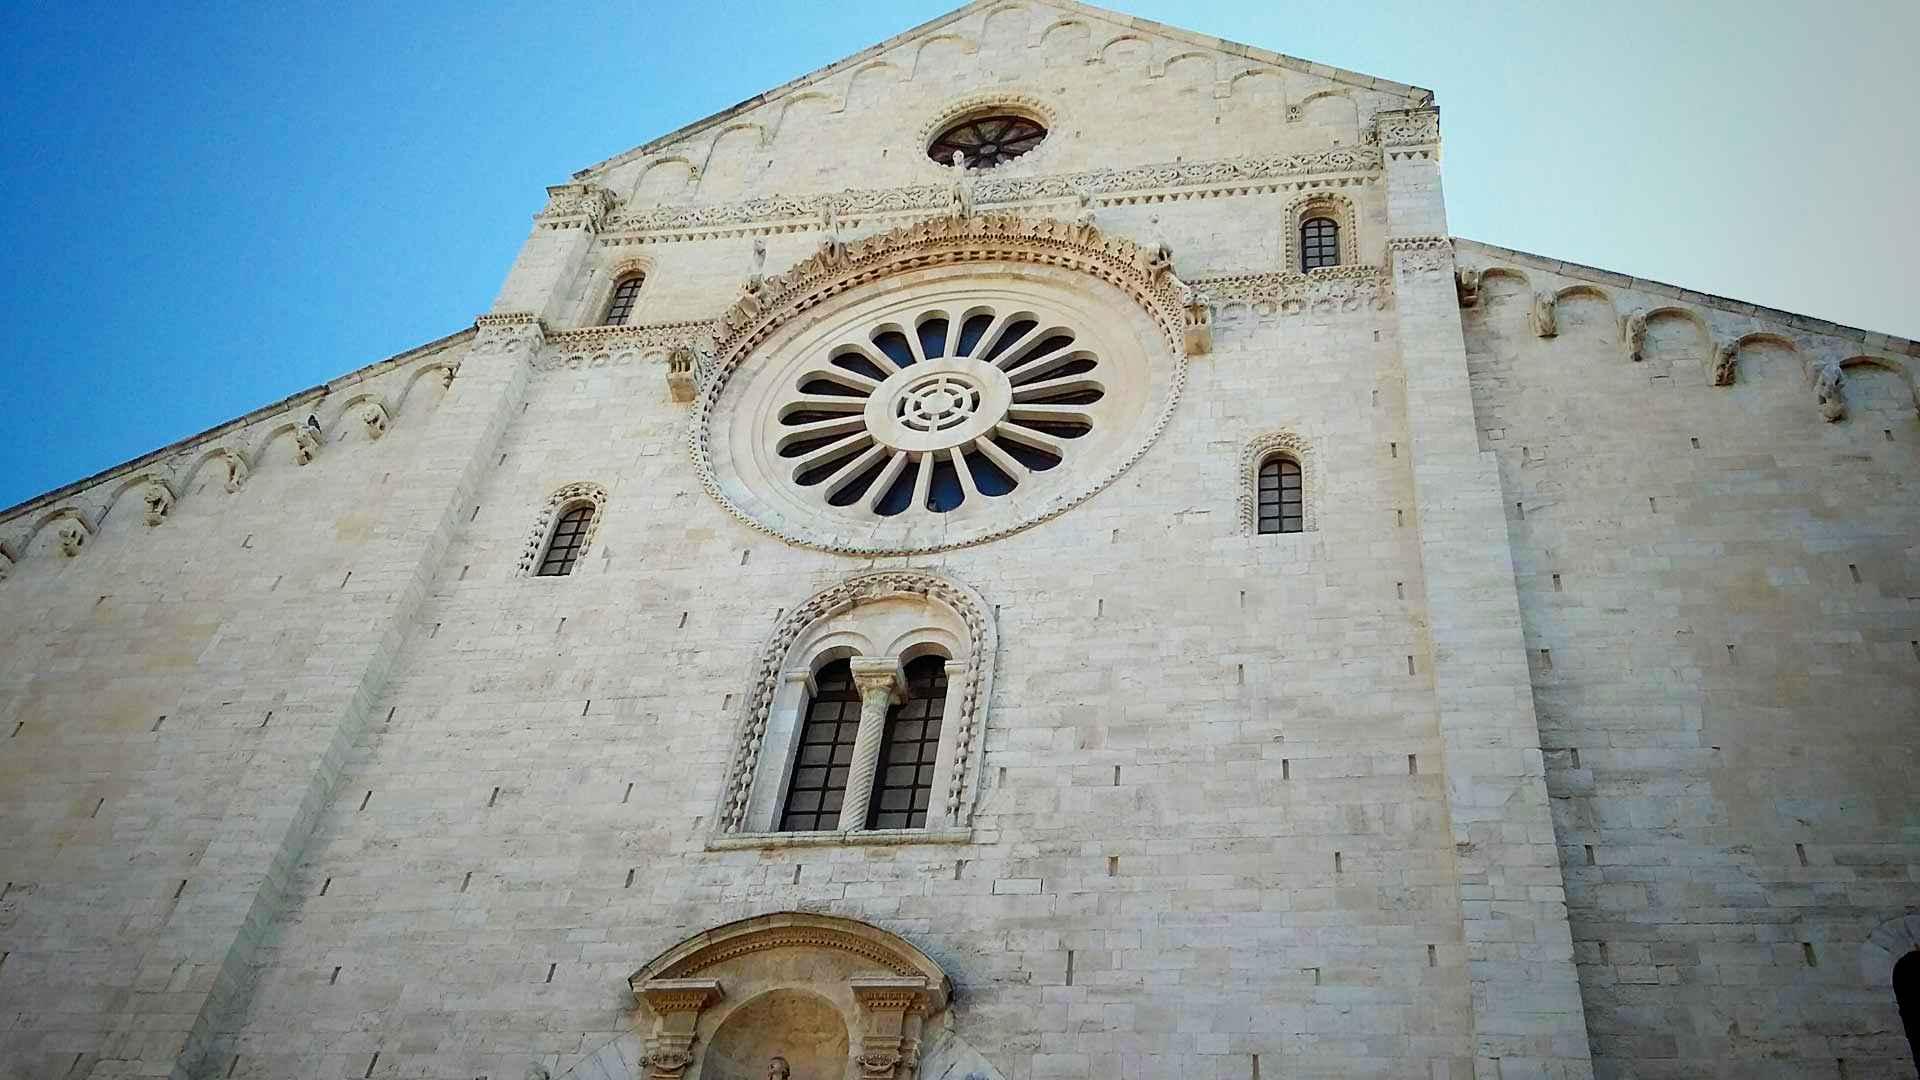 Bari Cathedral of San Sabino